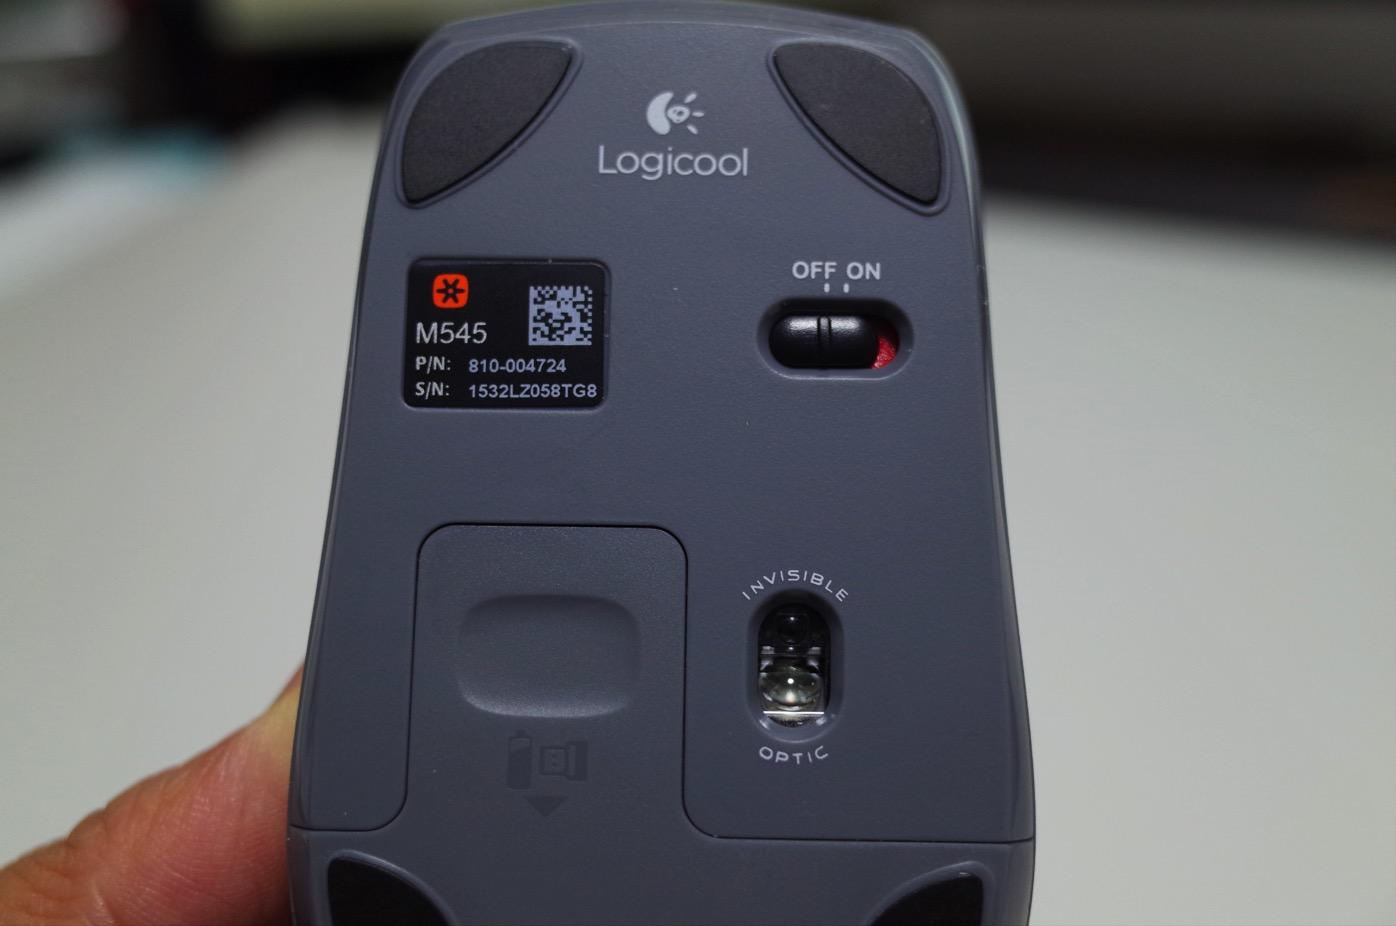 Logicool ロジクール ワイヤレスマウス シルバー M545SV-13